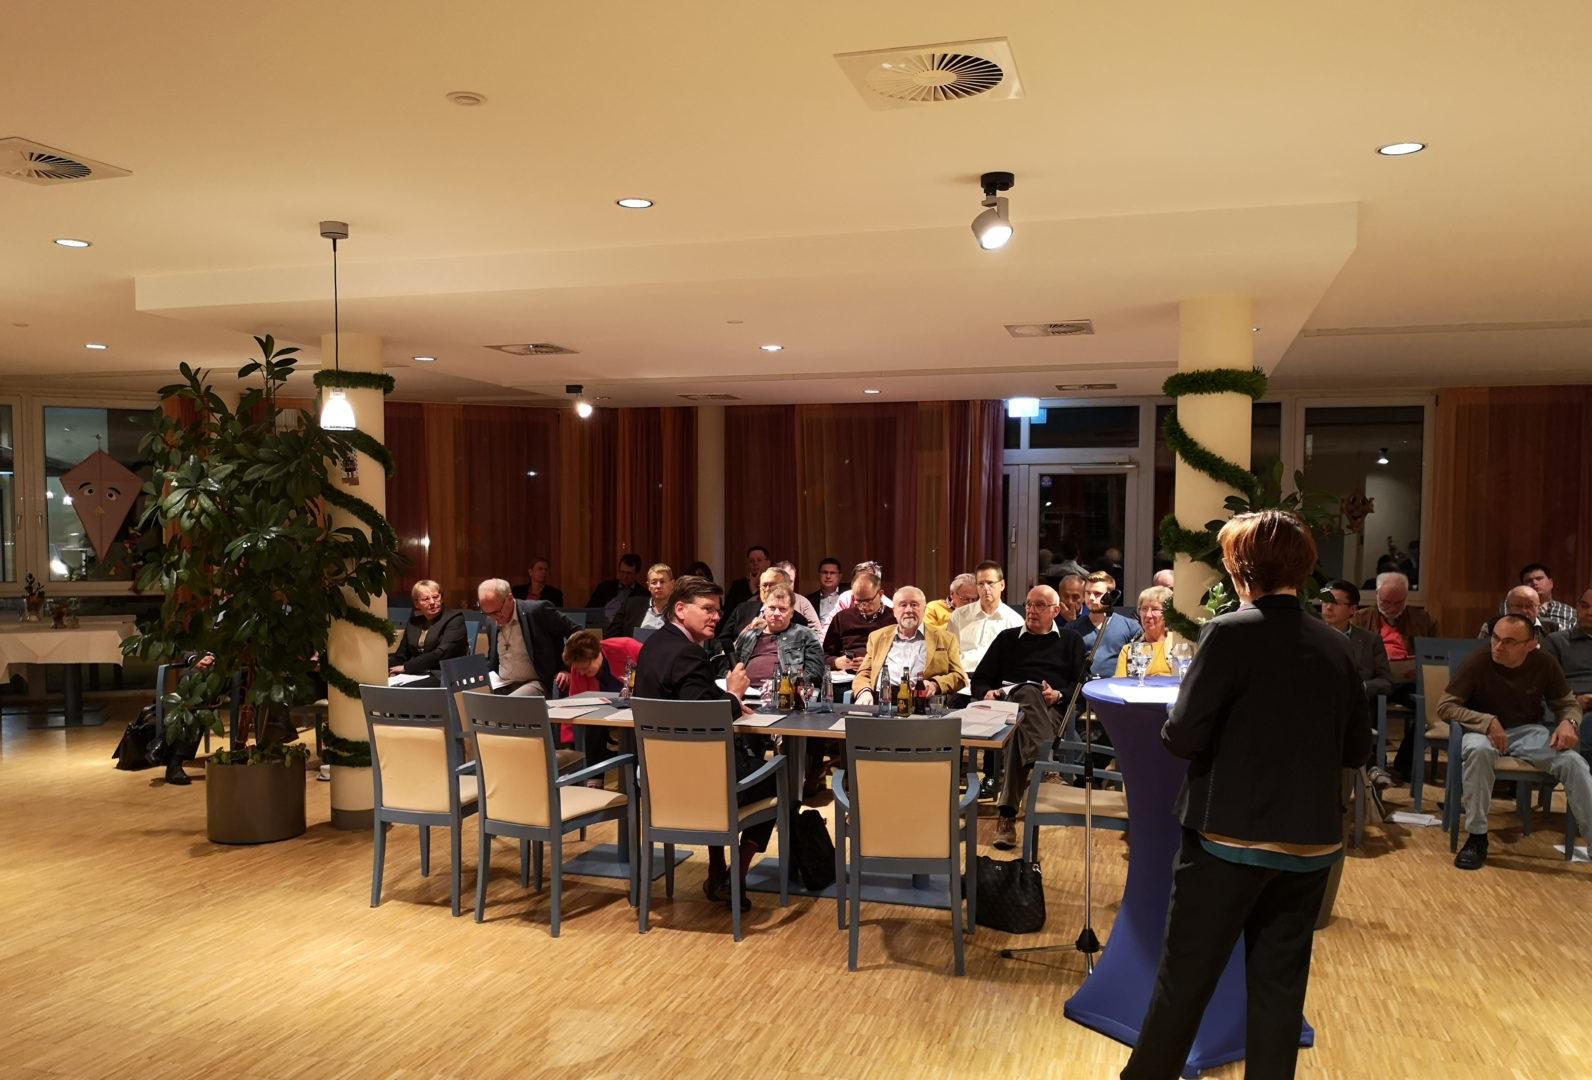 CDU Mitgliederversammlung. Mitglieder der CDU Mettmann verfolgen die Ausführungen der Vorsitzenden Gabriele Hruschka.